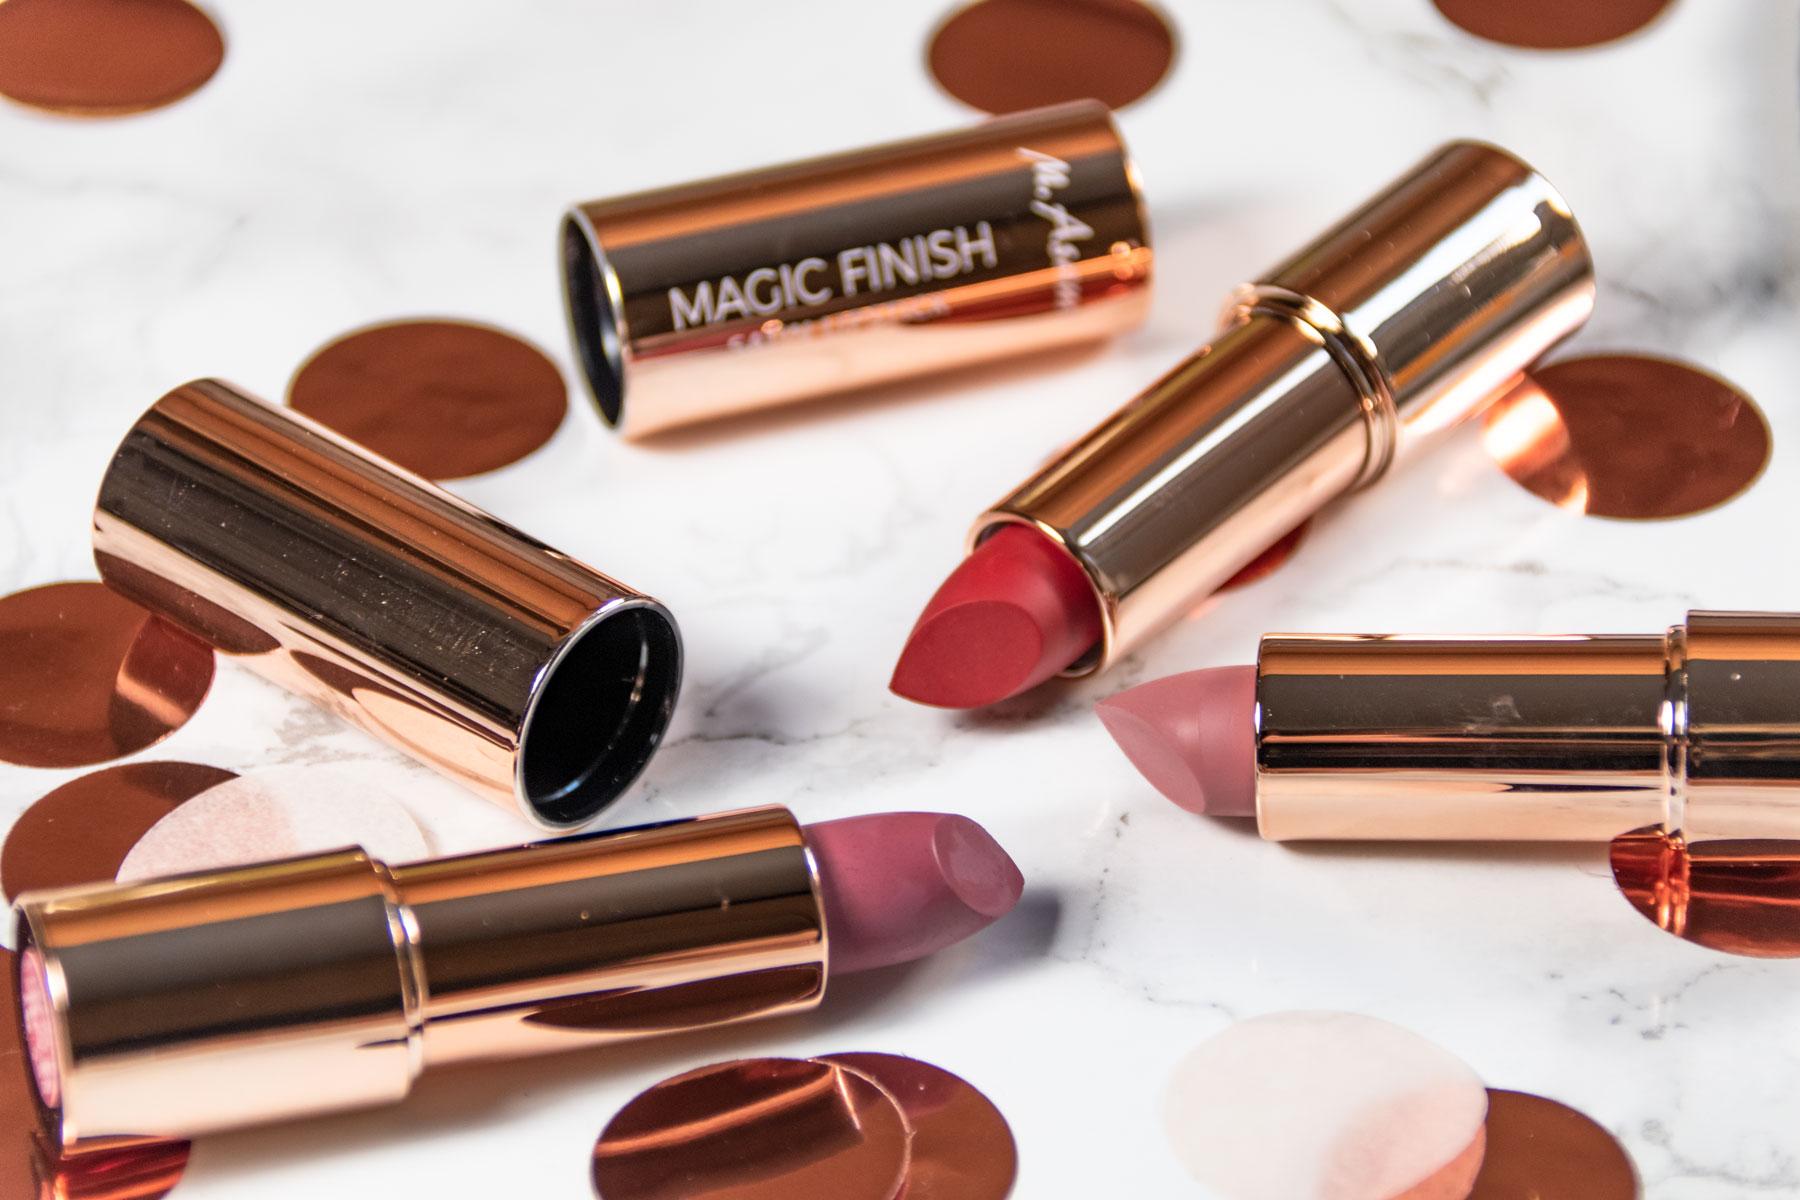 M. Asam Make-up Review Blush Lippenstift Lidschatten